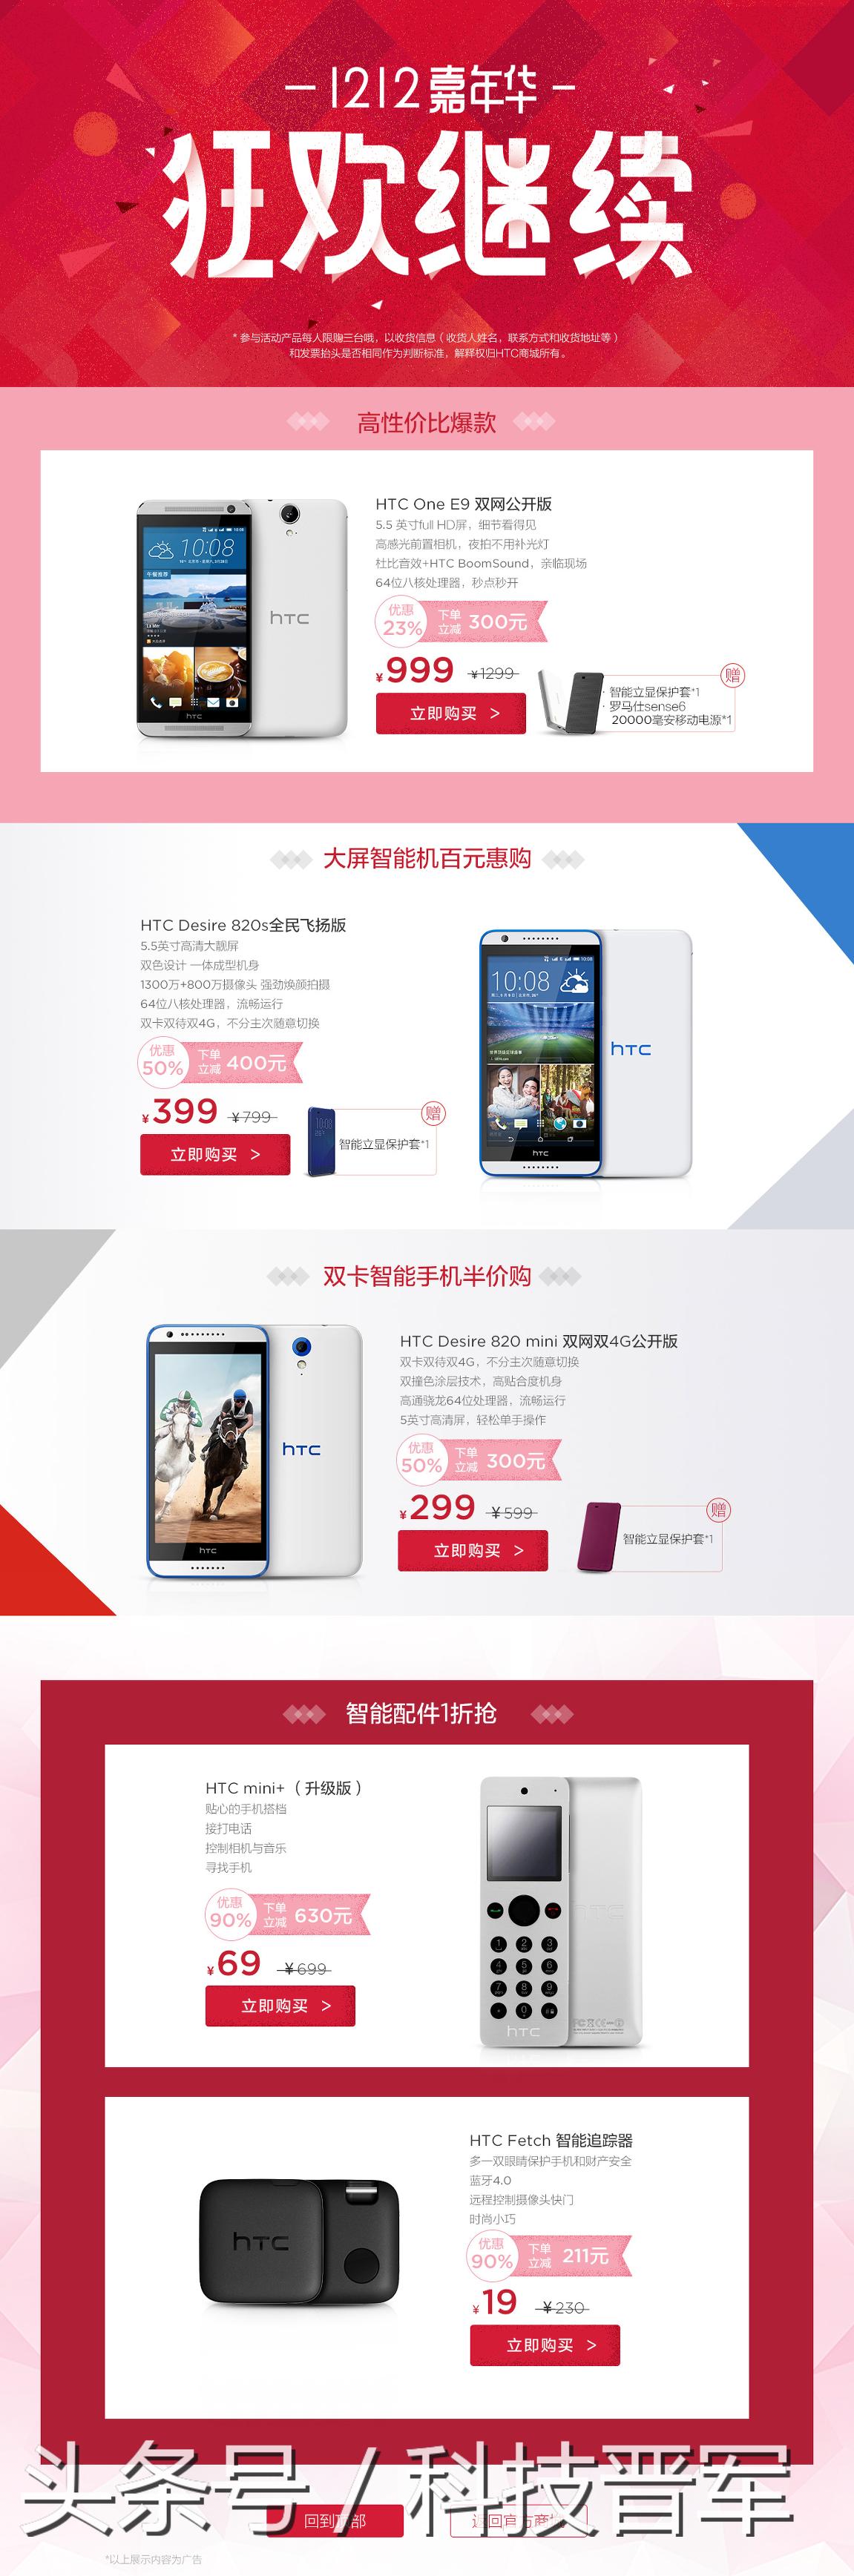 心痛HTC,双十二官网商城幅度前所未有,五折只为了更好地清货?